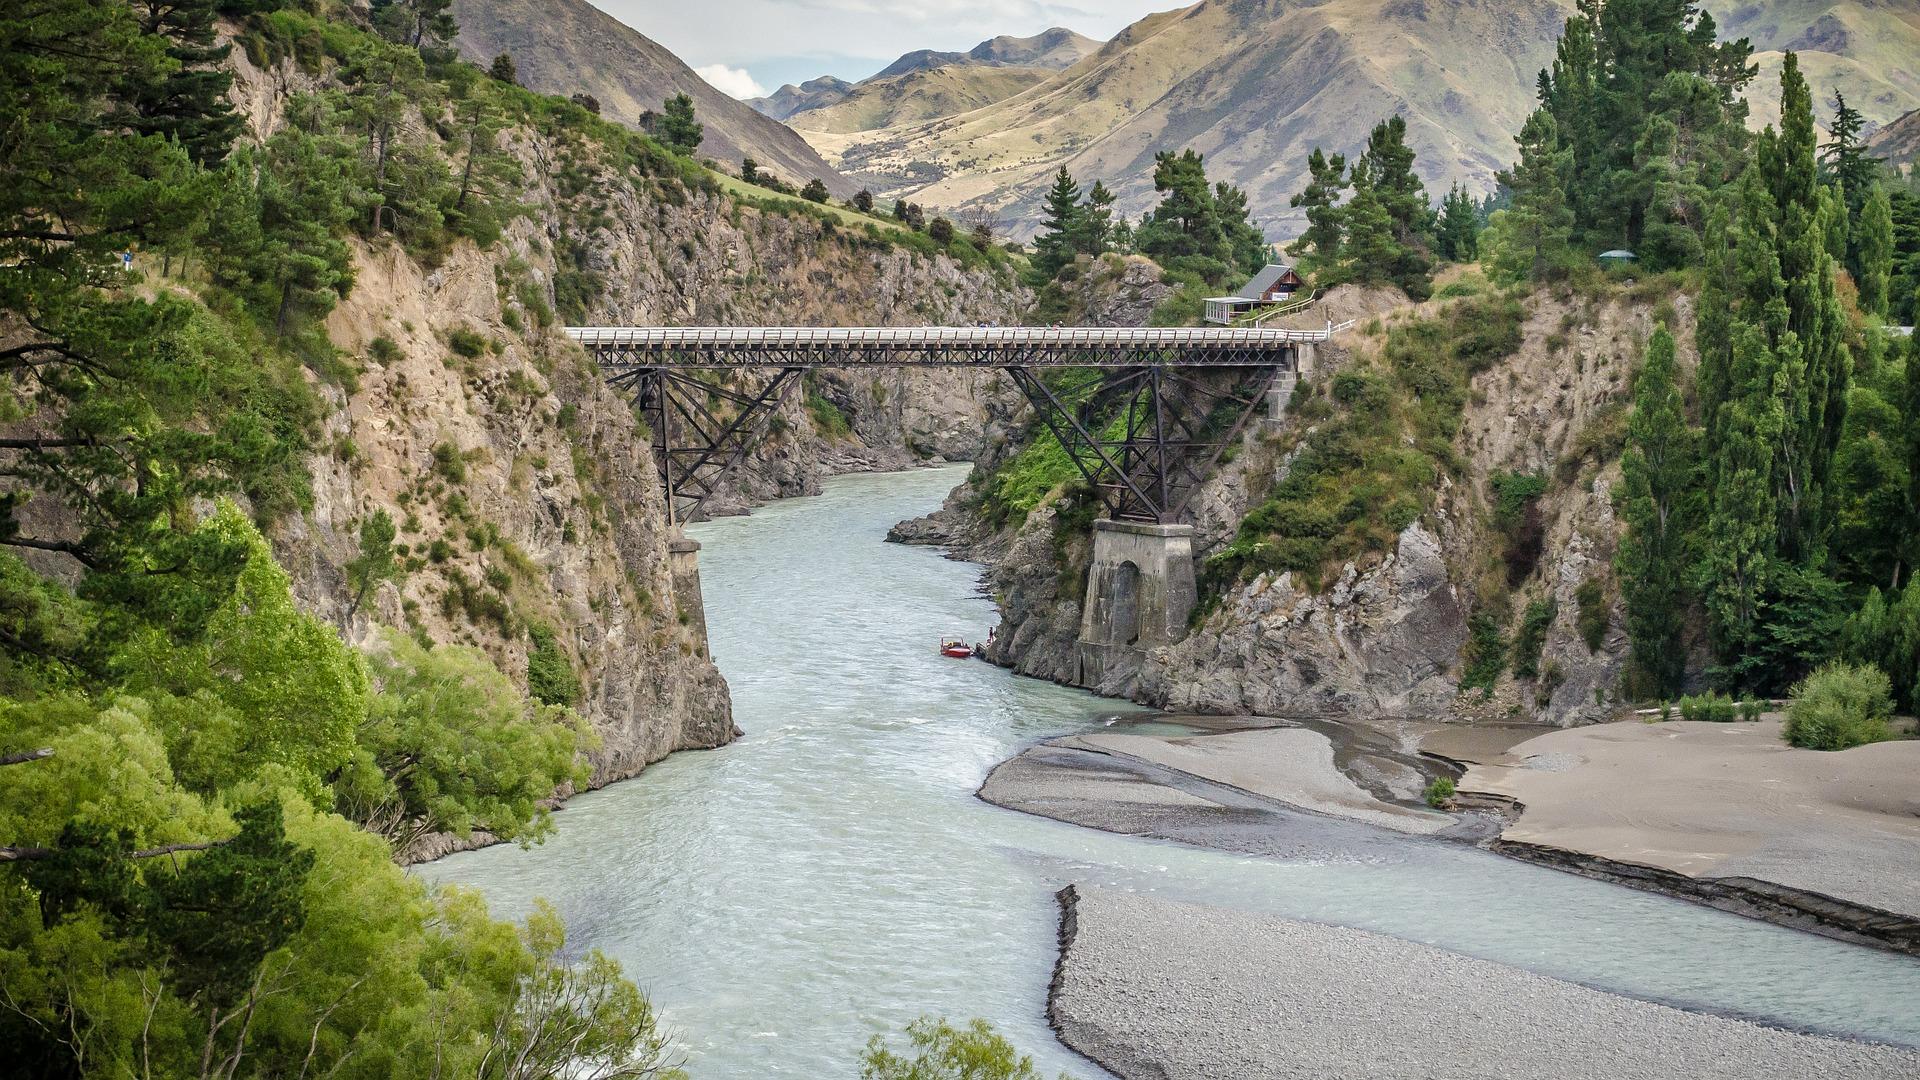 bridge-432586_1920.jpg